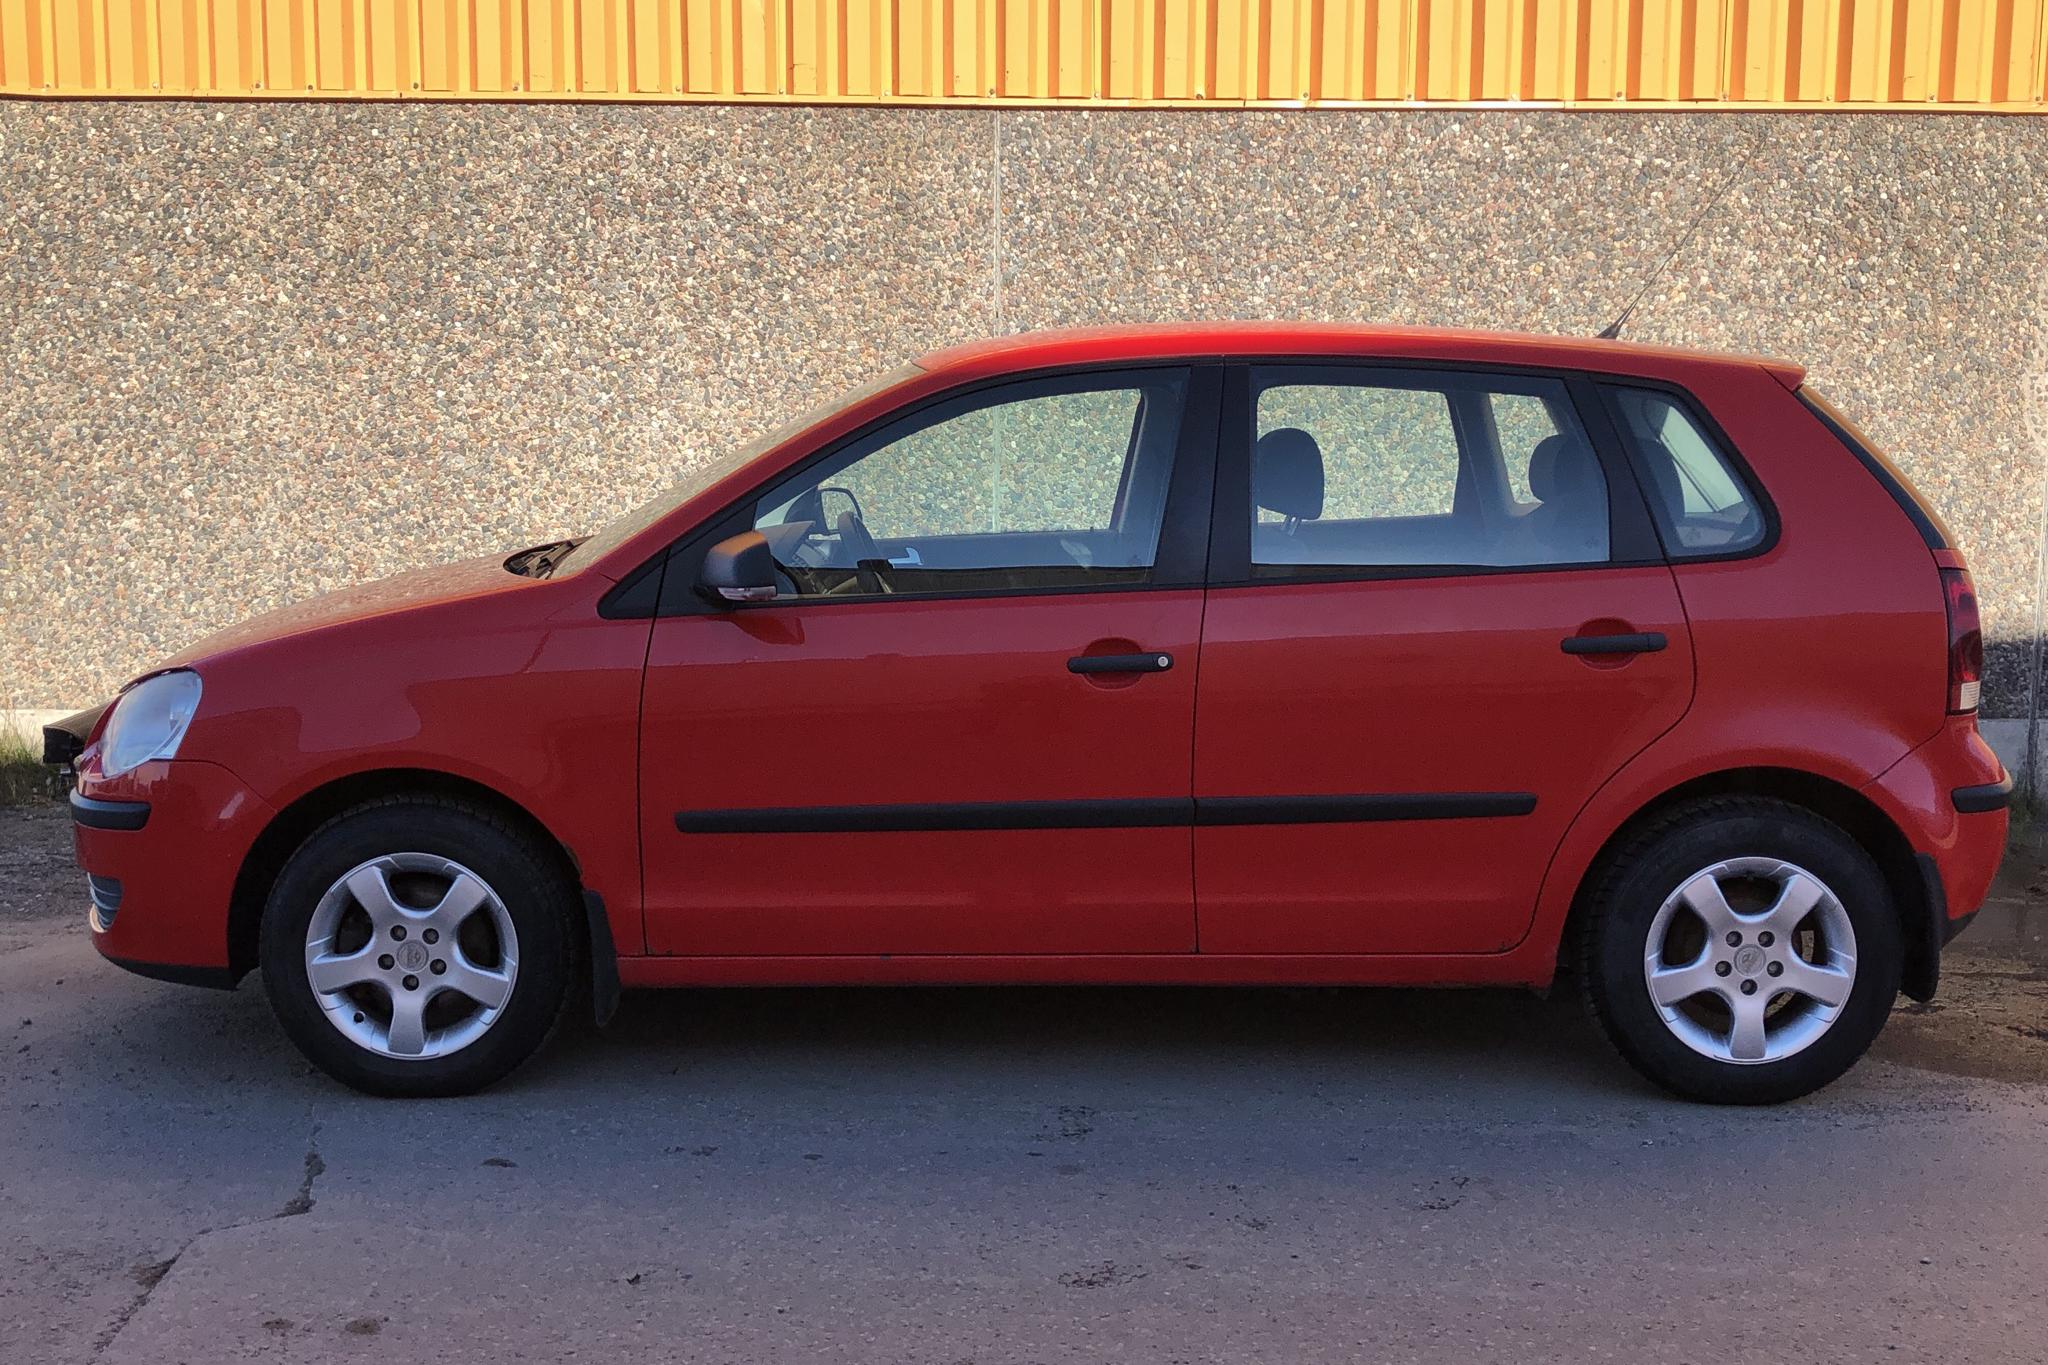 VW POLO 1,4/75 - 8 650 mil - Manuell - röd - 2006